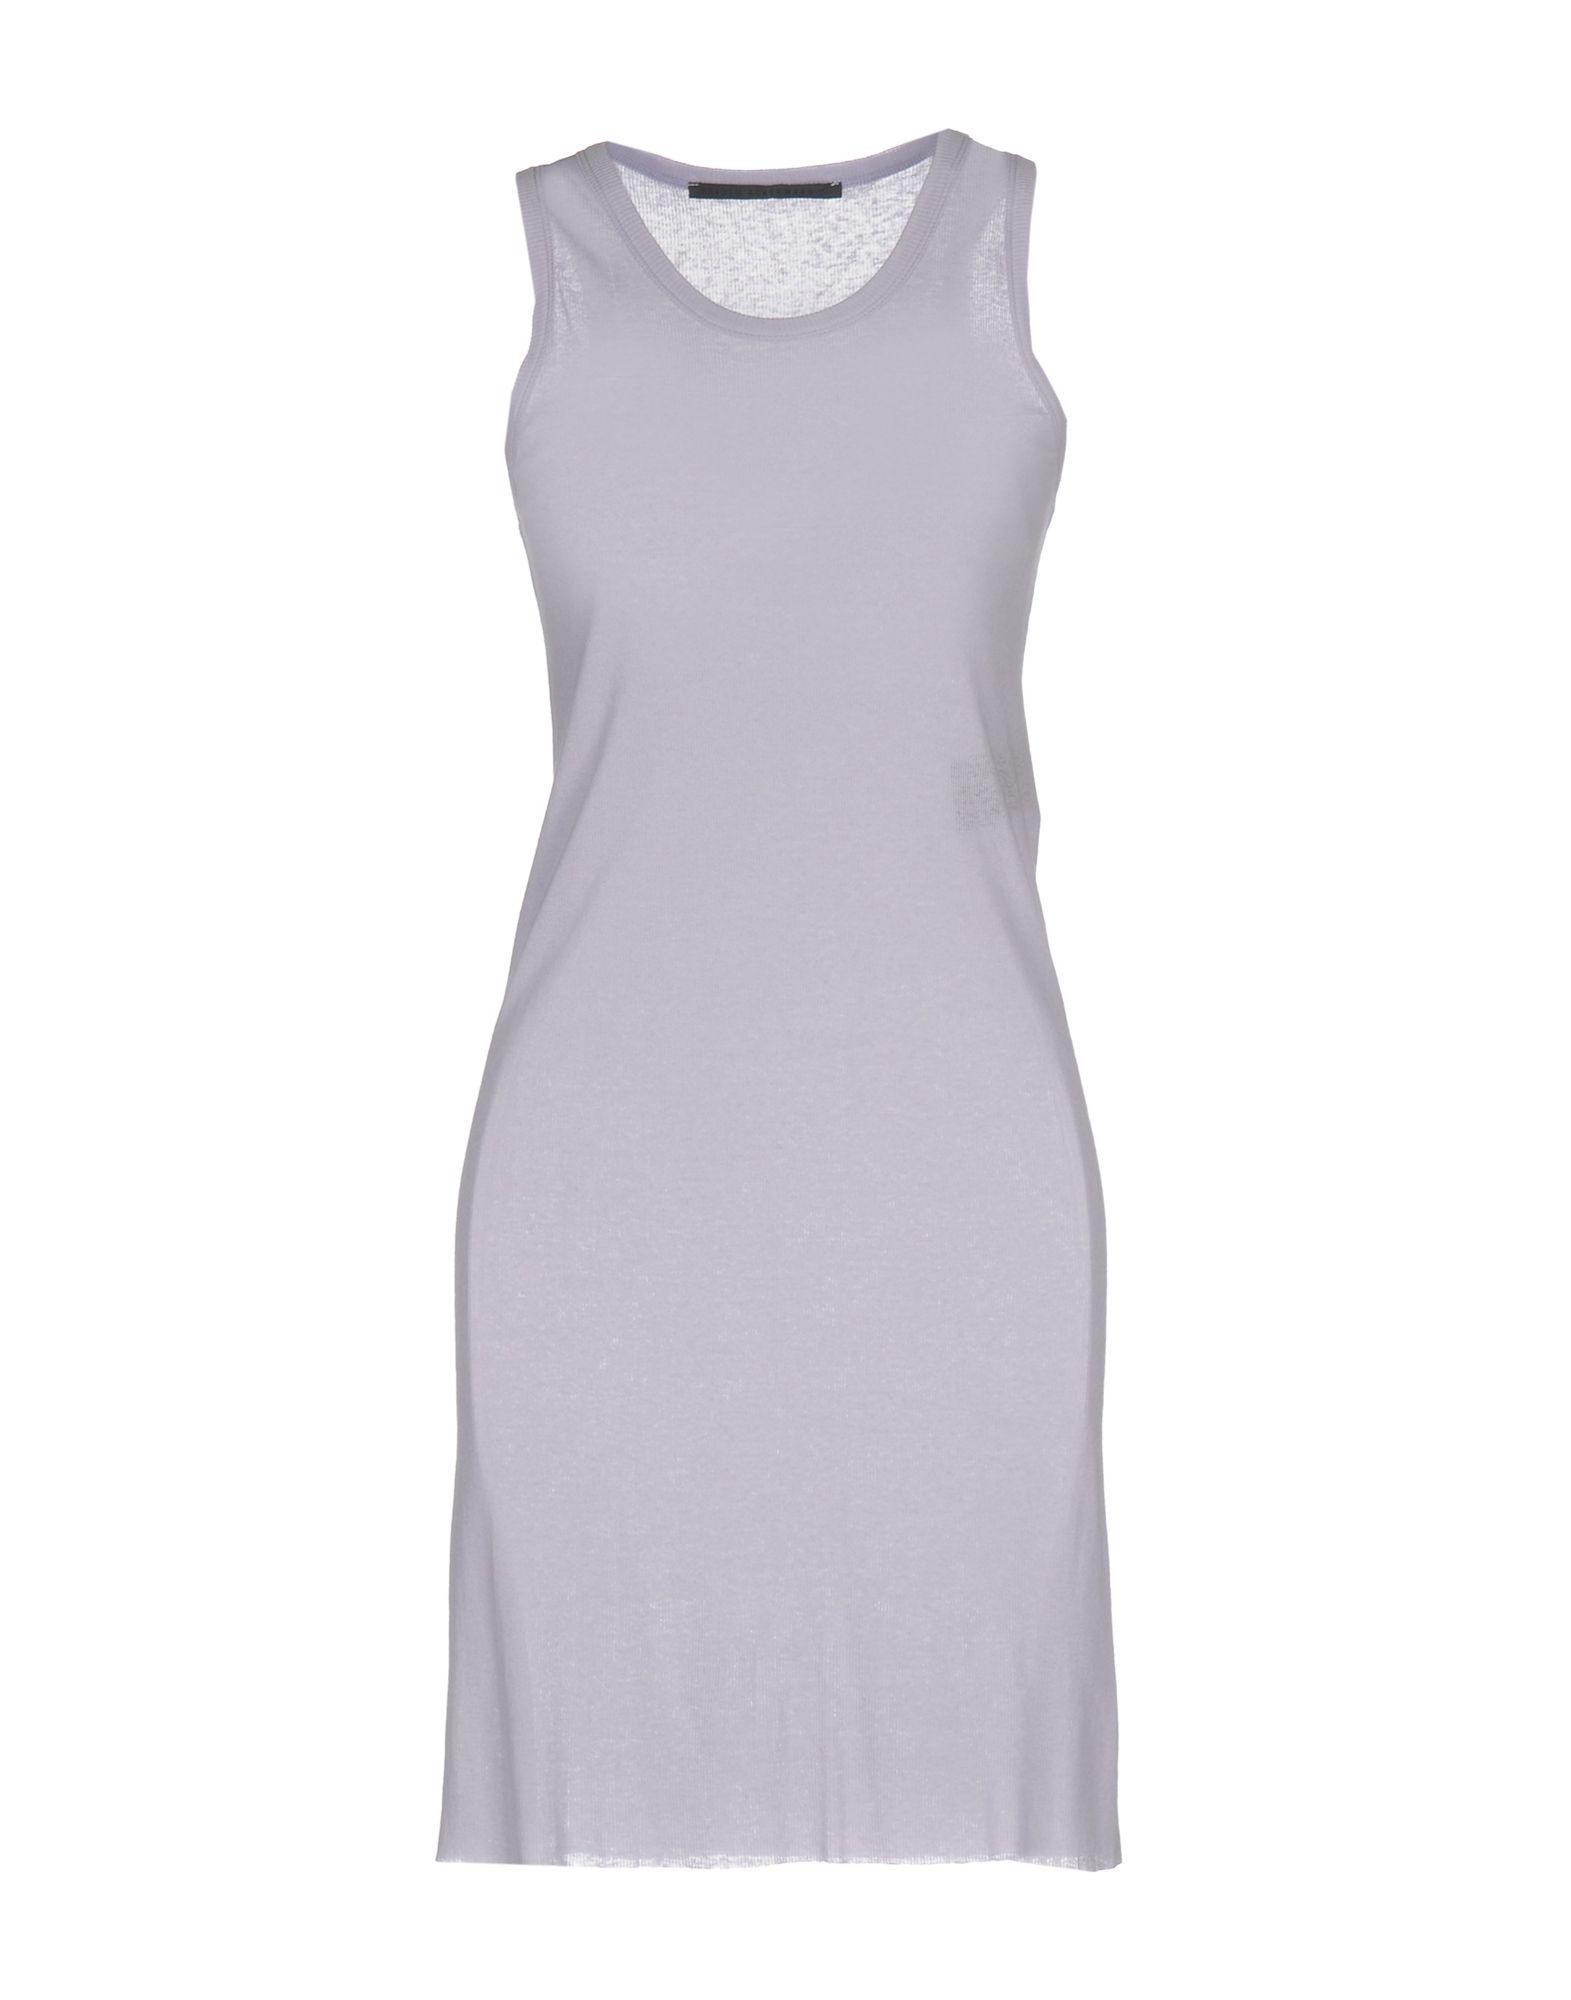 DRESSES Haider Ackermann Lilac Woman Cotton